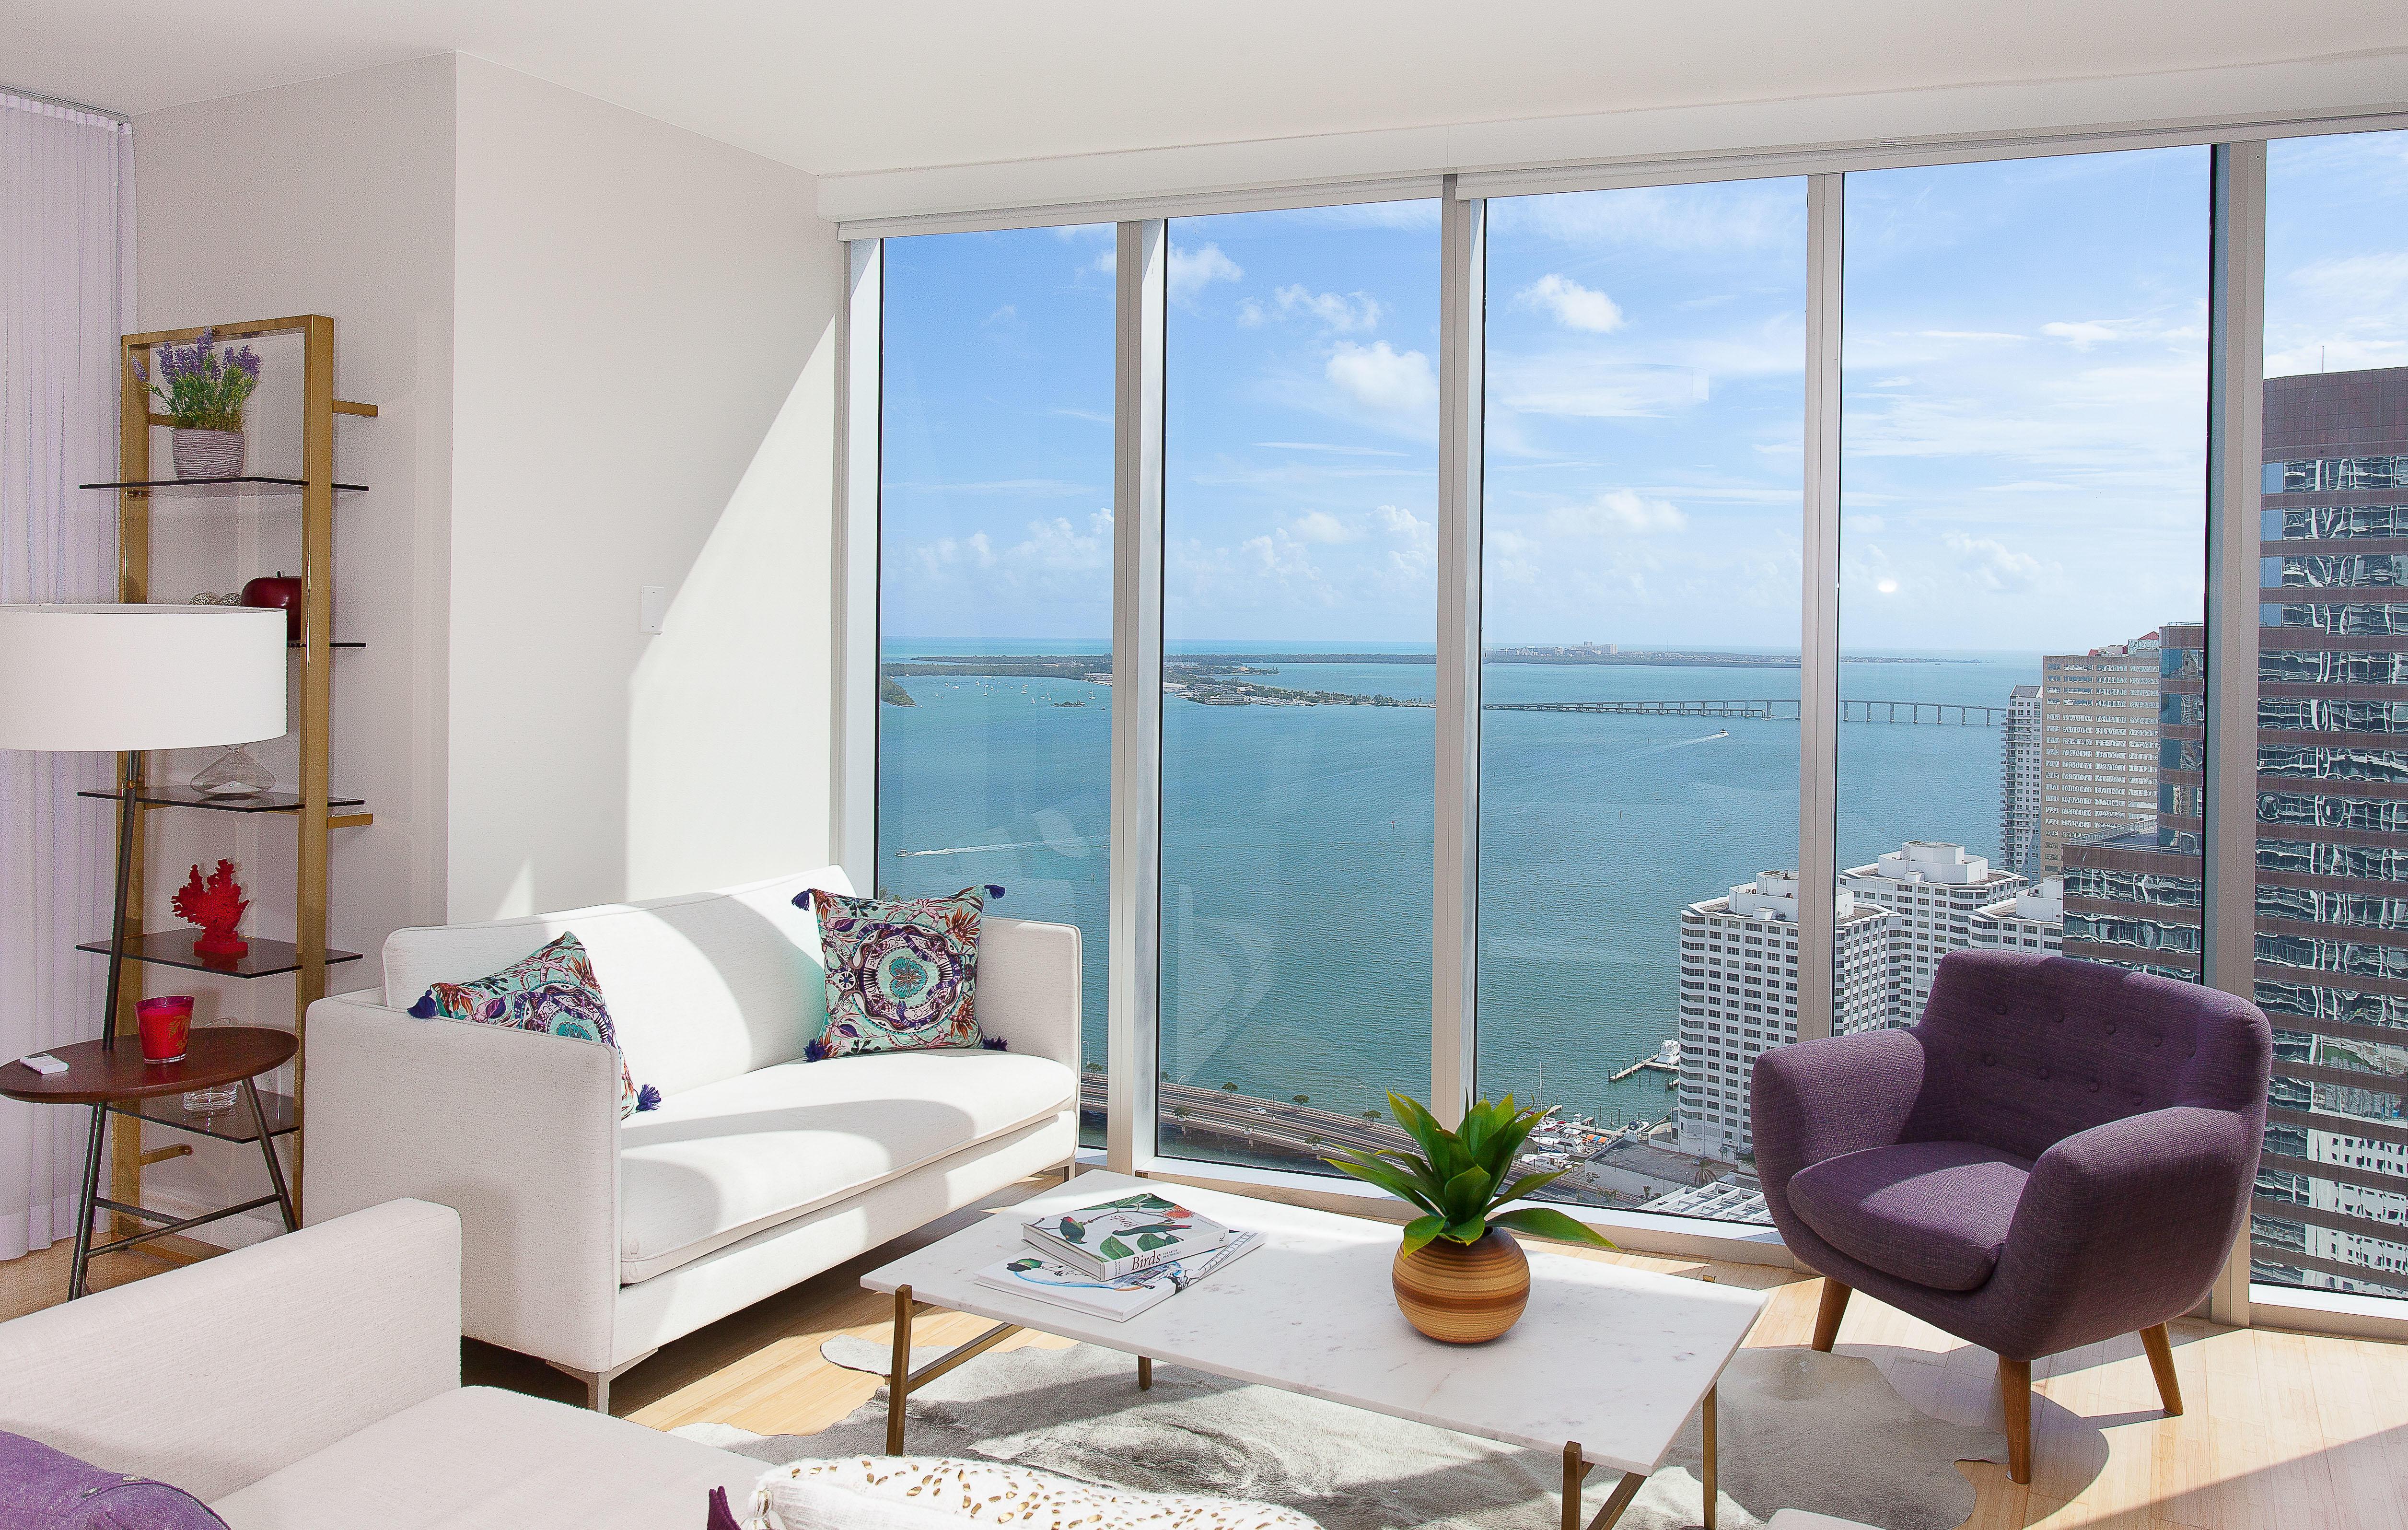 Miami Vacation Rentals - Brickell image 0